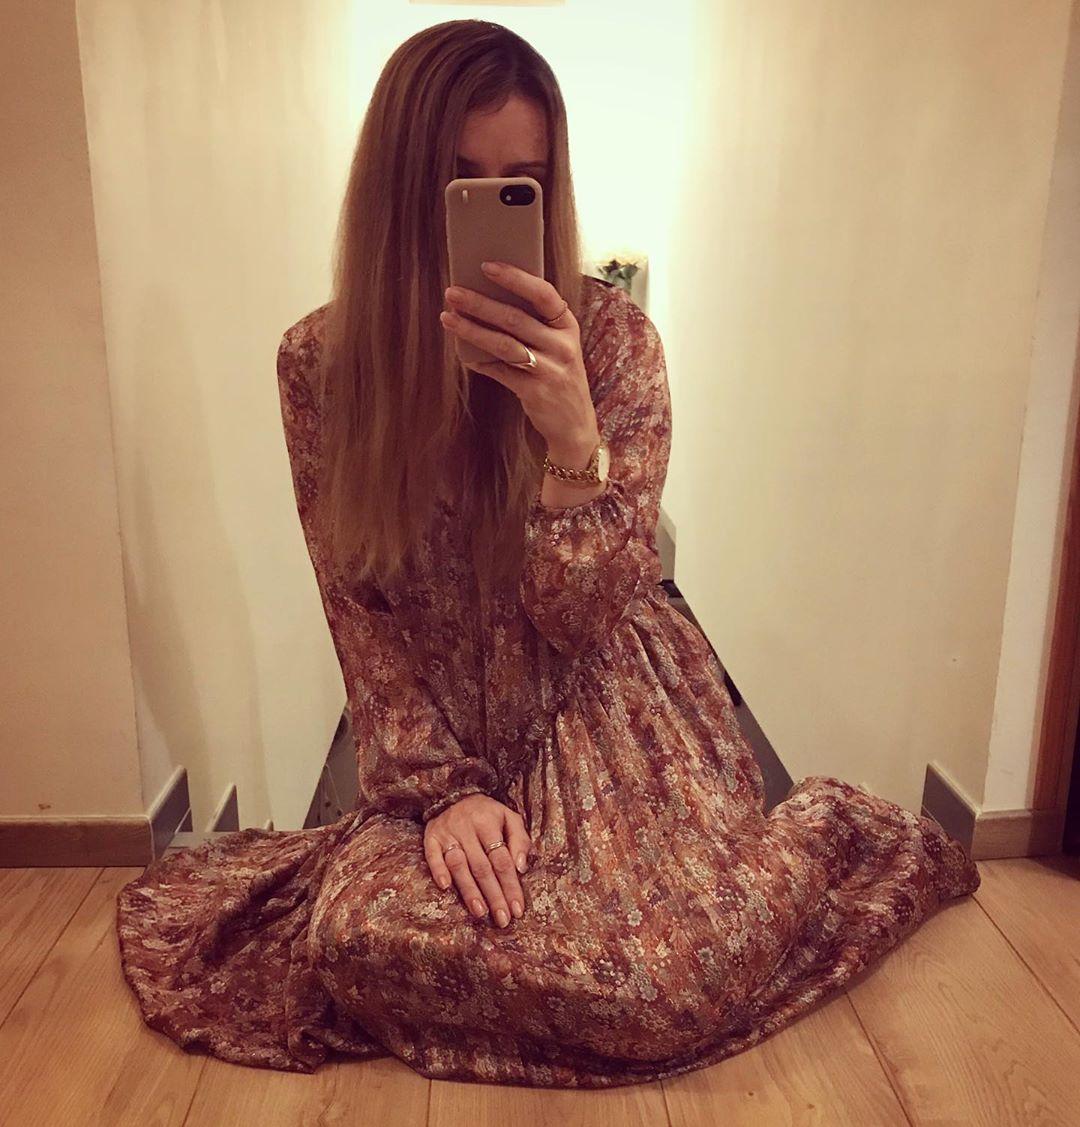 robe rouille toscane de Les Bourgeoises sur sabynnsta